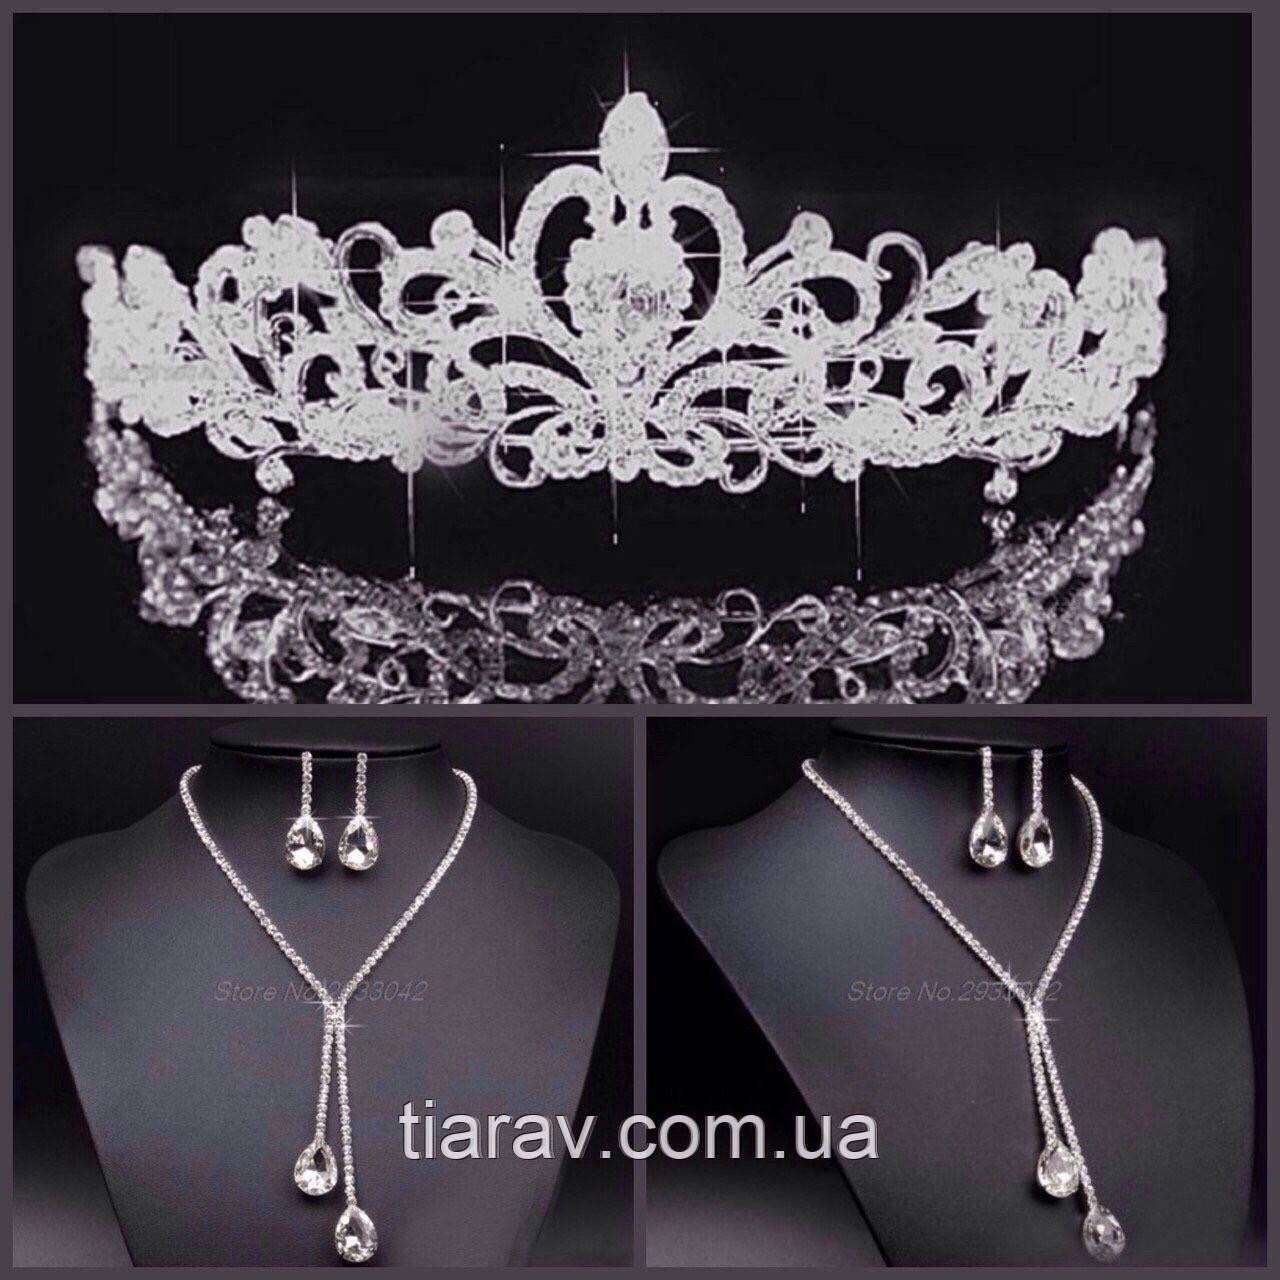 Діадема весільна та сережки набір Домініка, корона, Весільна діадема, весільна біжутерія